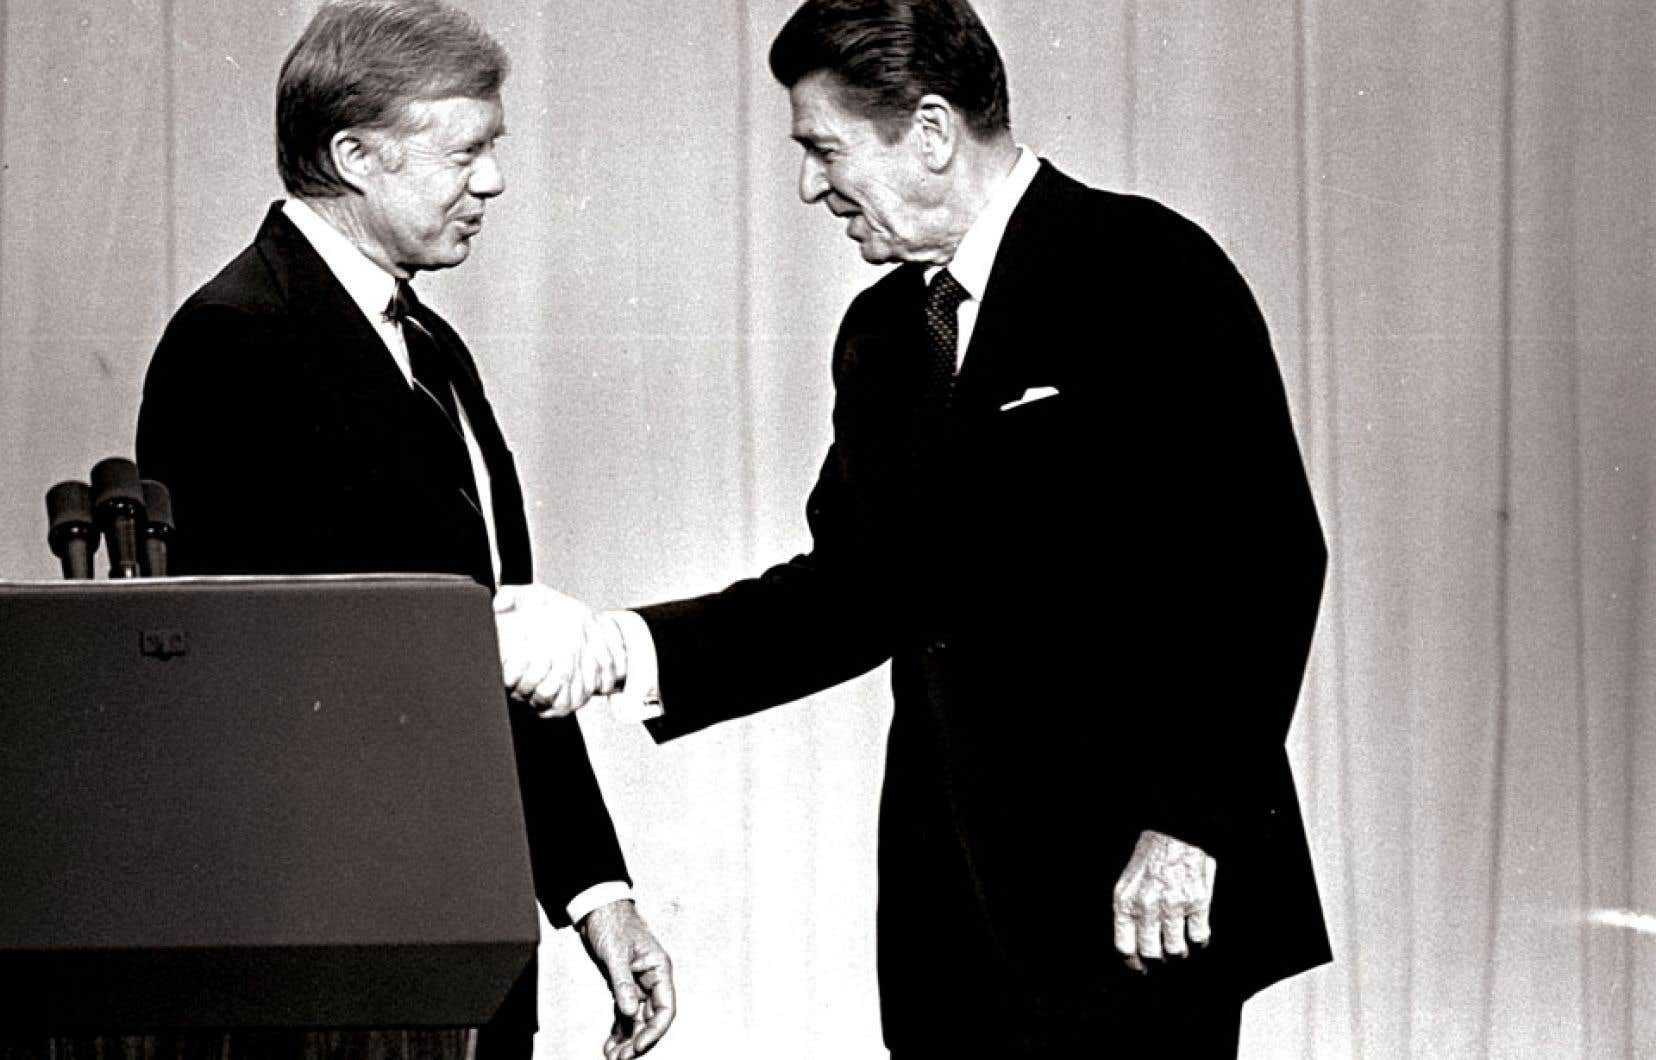 Jimmy Carter (à gauche) et Ronald Reagan, lors d'un débat présidentiel télévisé en octobre 1980. Contrairement à ce qu'on pense parfois, le moment décisif ne fut pas l'arrivée au pouvoir du républicain Ronald Reagan. Déjà sous le gouvernement démocrate de Jimmy Carter, une mobilisation sans précédent du milieu des affaires avait suscité une révolte fiscale (anti-impôts) et enclenché le début de la déréglementation.